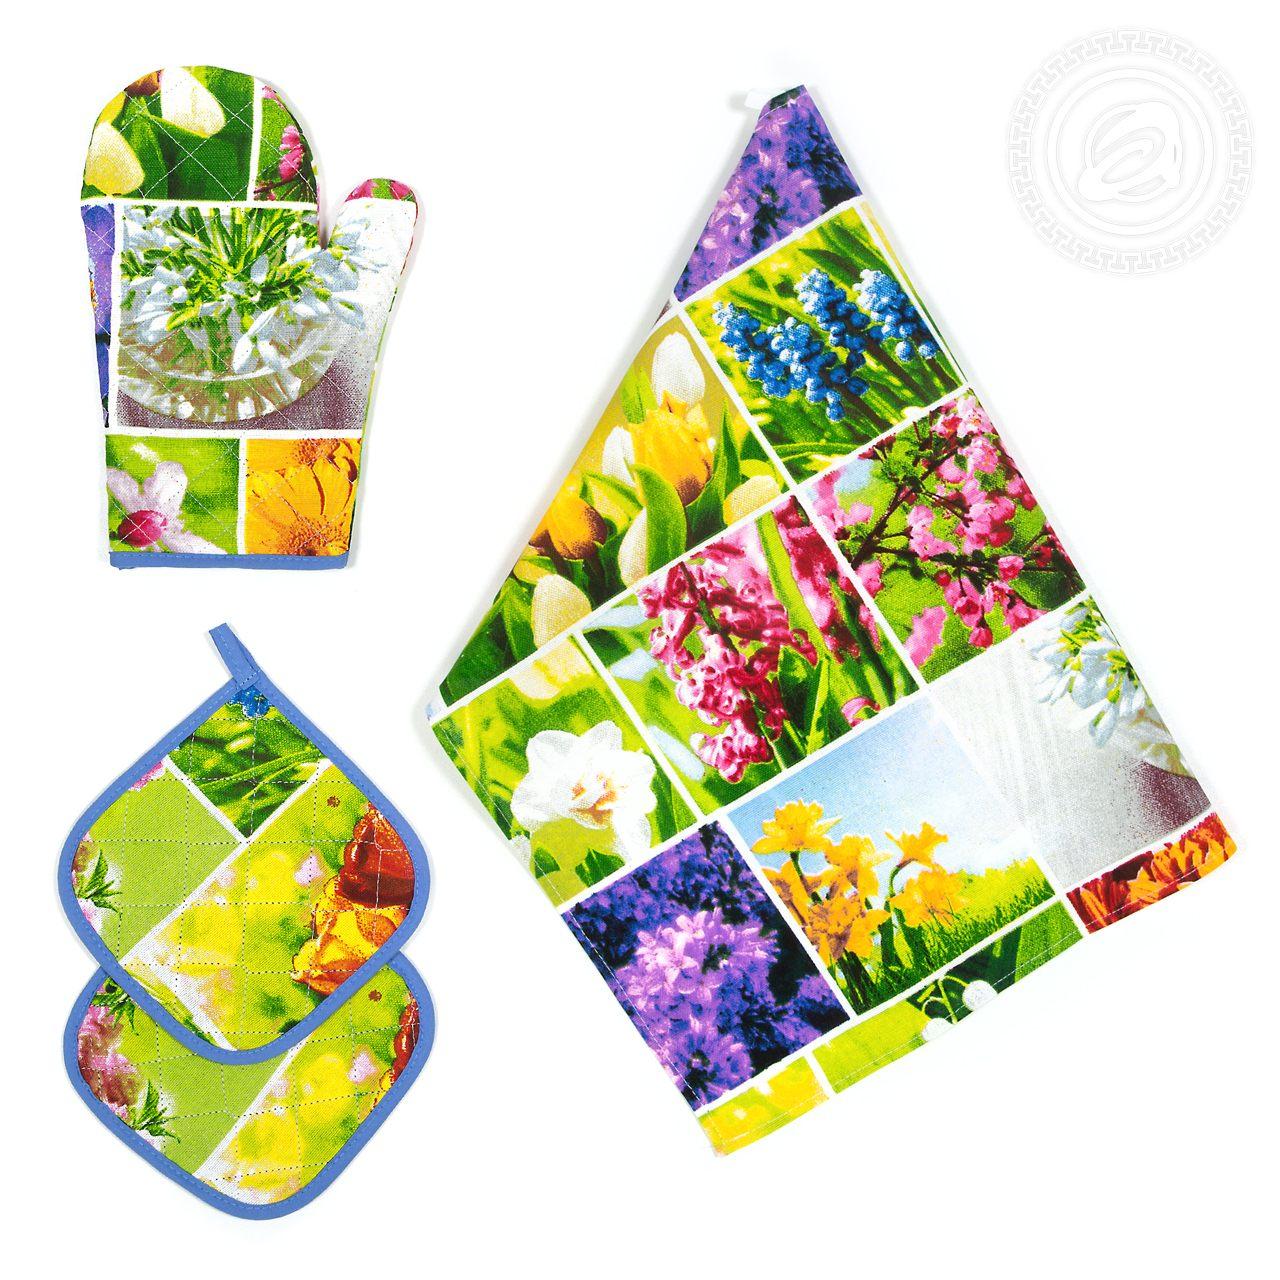 """Кухонные принадлежности """"Первоцветы"""" Зеленый р. 4 пред. — Первоцветы Зеленый"""